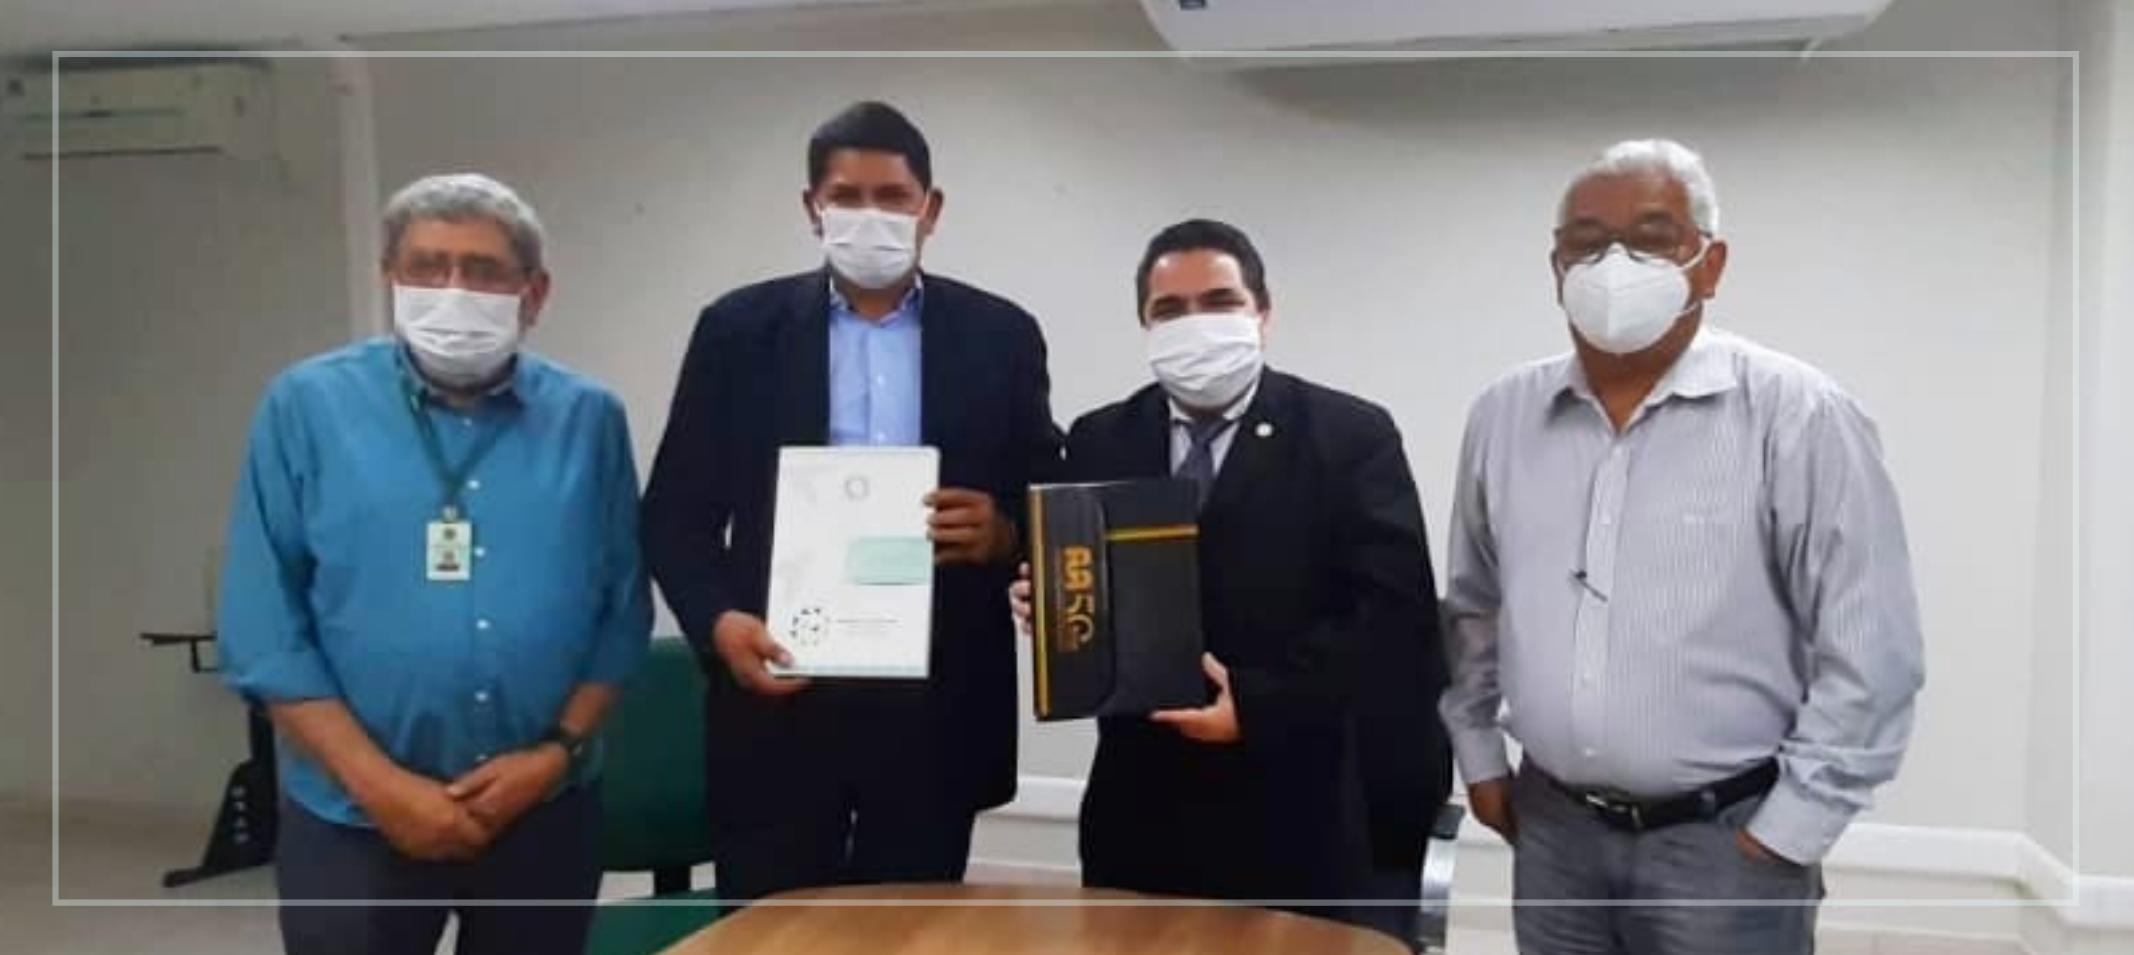 Ufam e Prefeitura de Parintins reafirmam parcerias